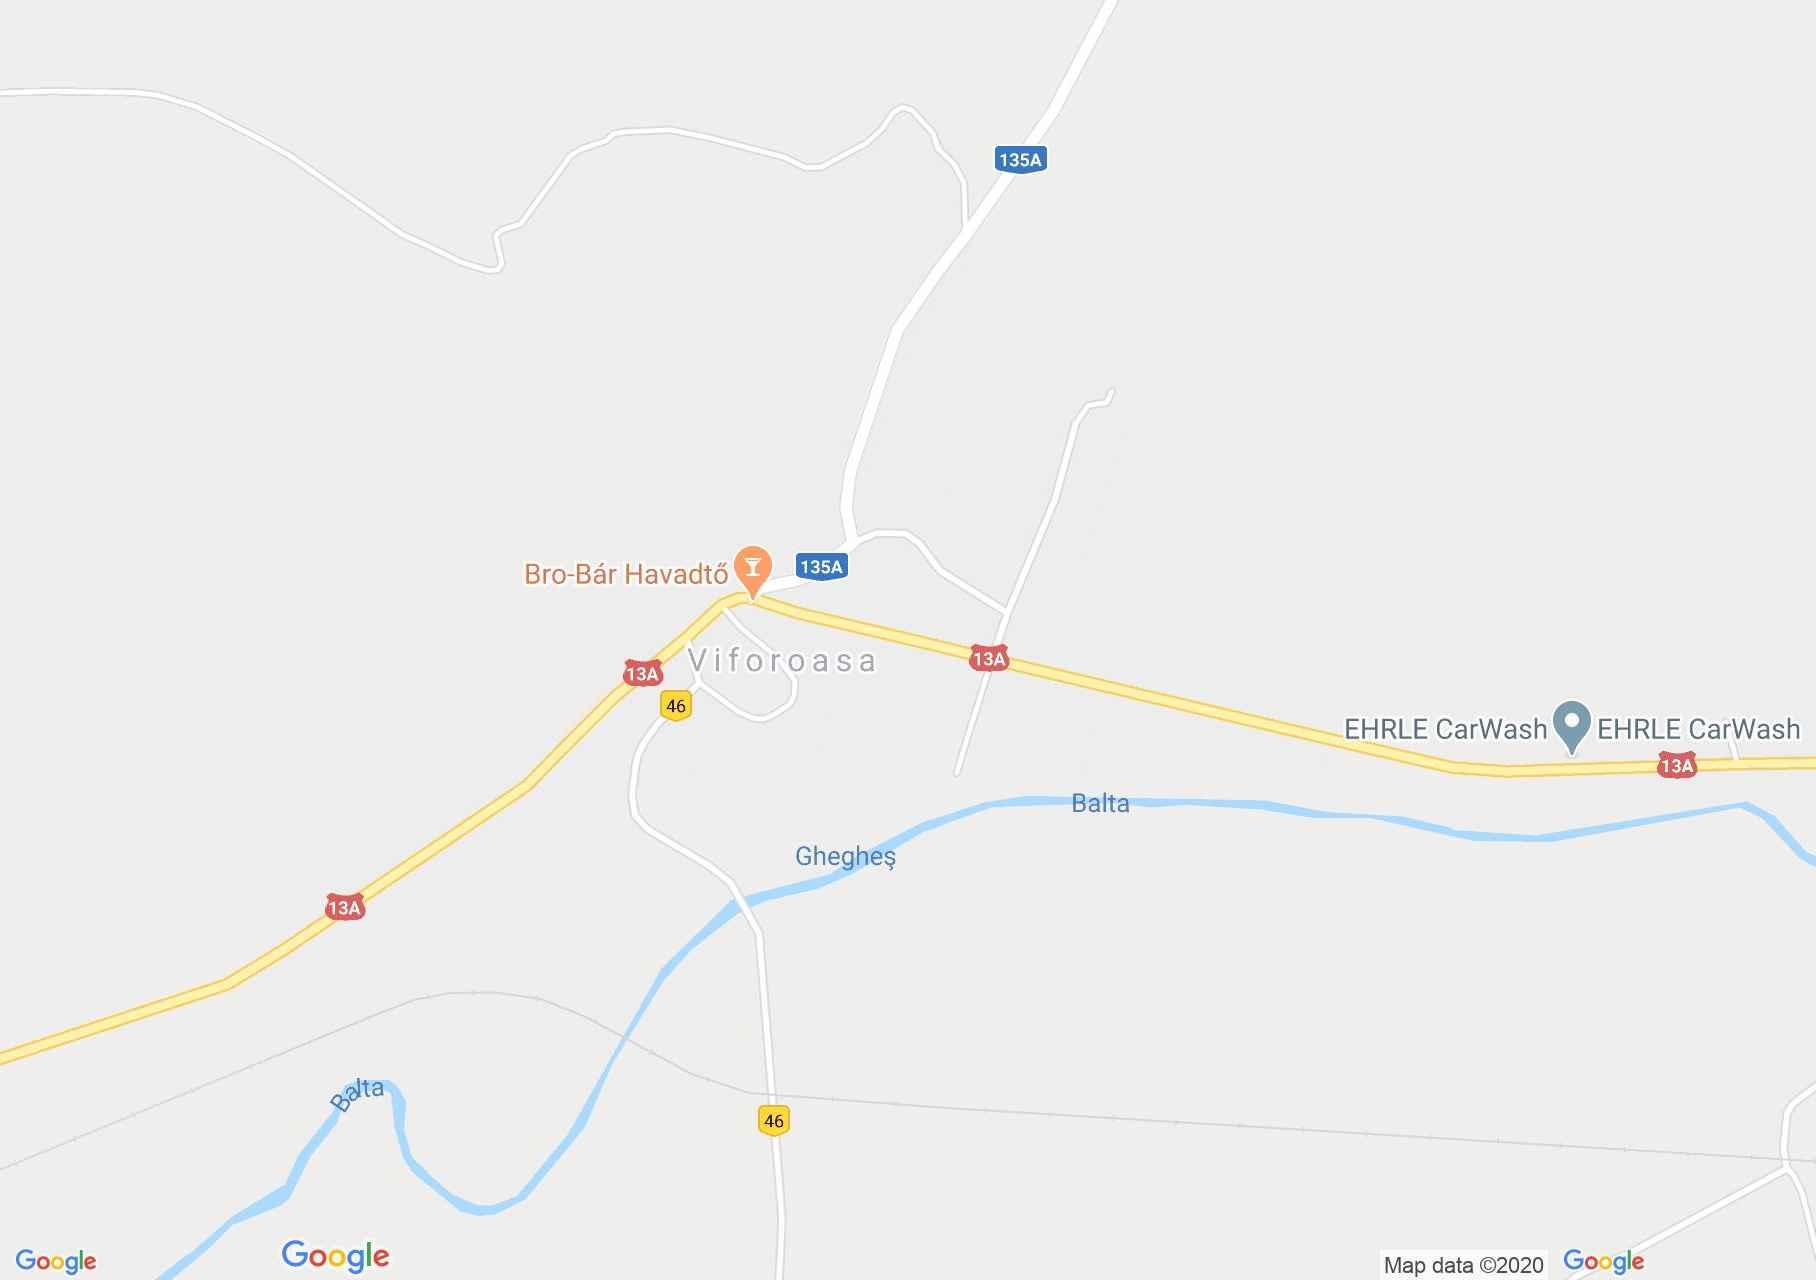 Viforoasa, Interactive tourist map